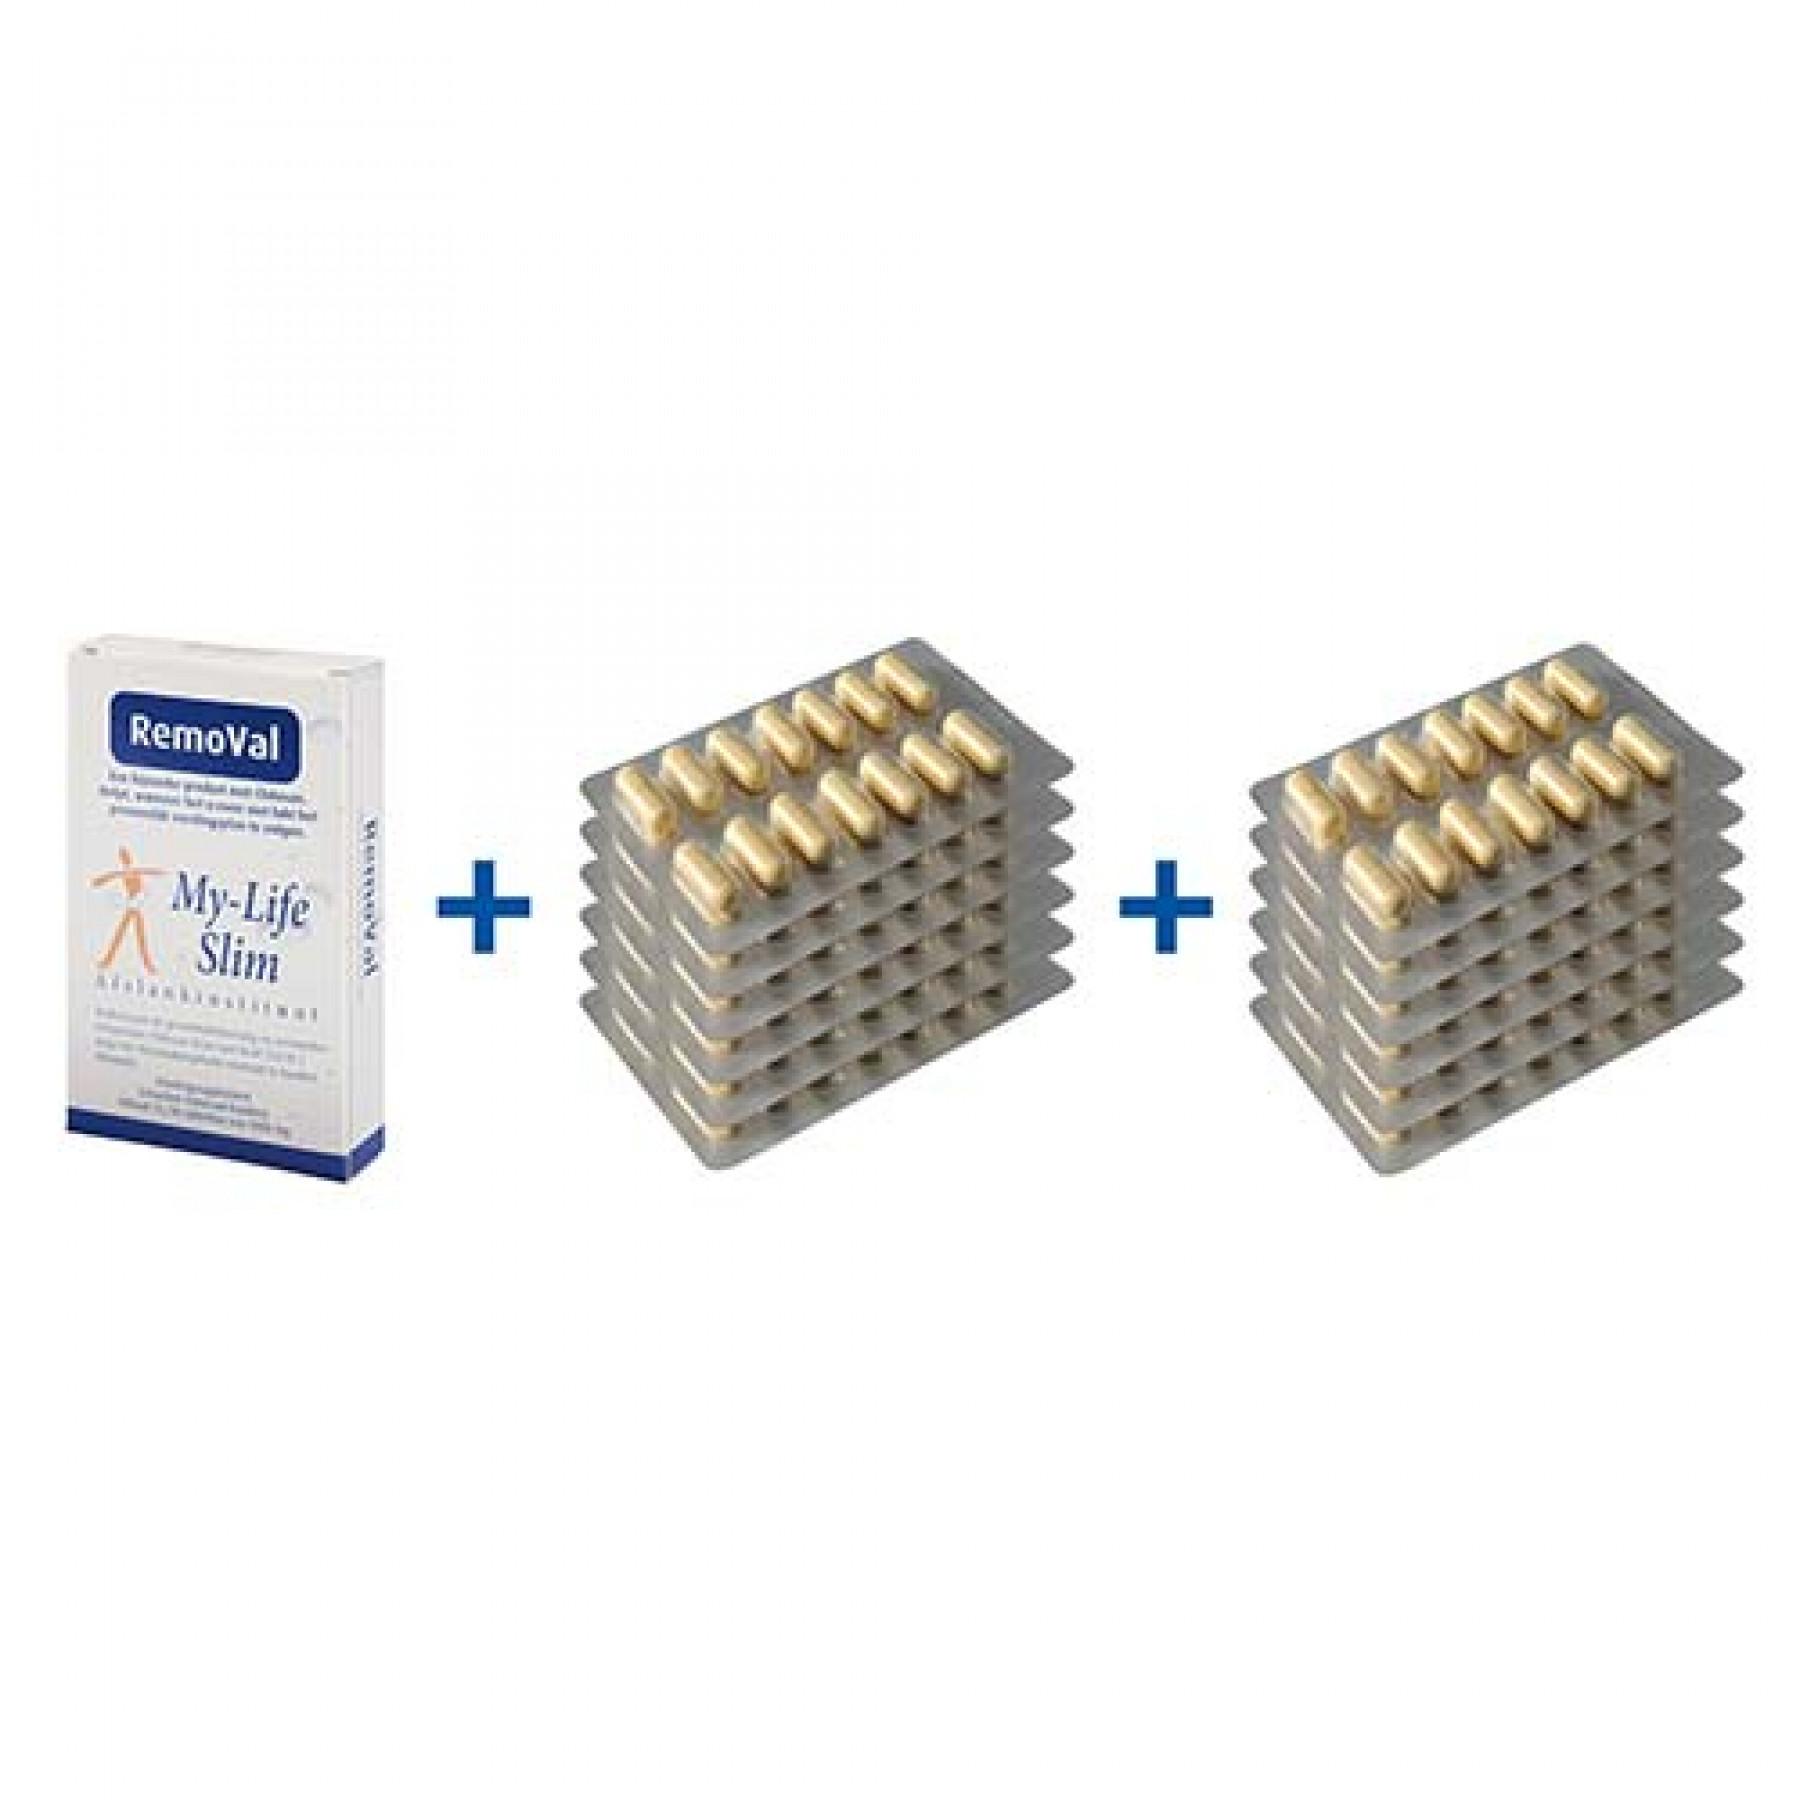 Vakantiepakket BMI 30 of hoger, 12 strips Restore voor 4 weken, 30 tabletten RemoVal (smokkelpil)